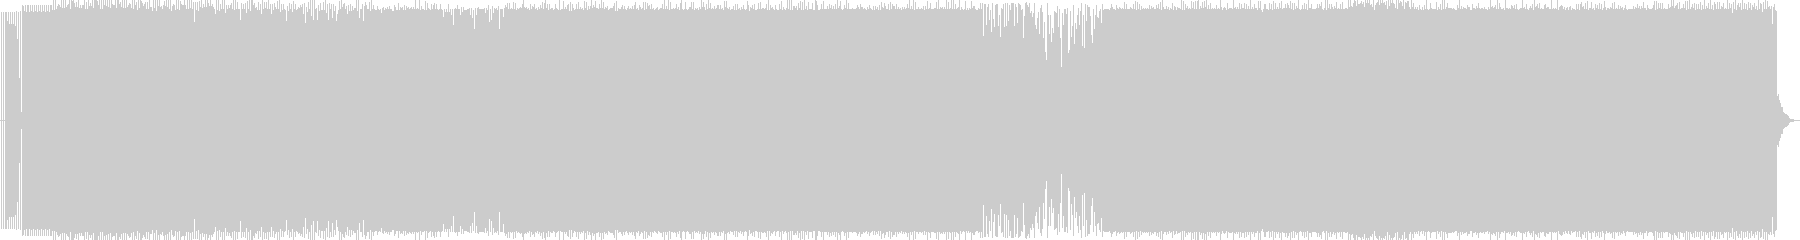 グルーヴィーなBGM用ロングトラックの未再生の波形